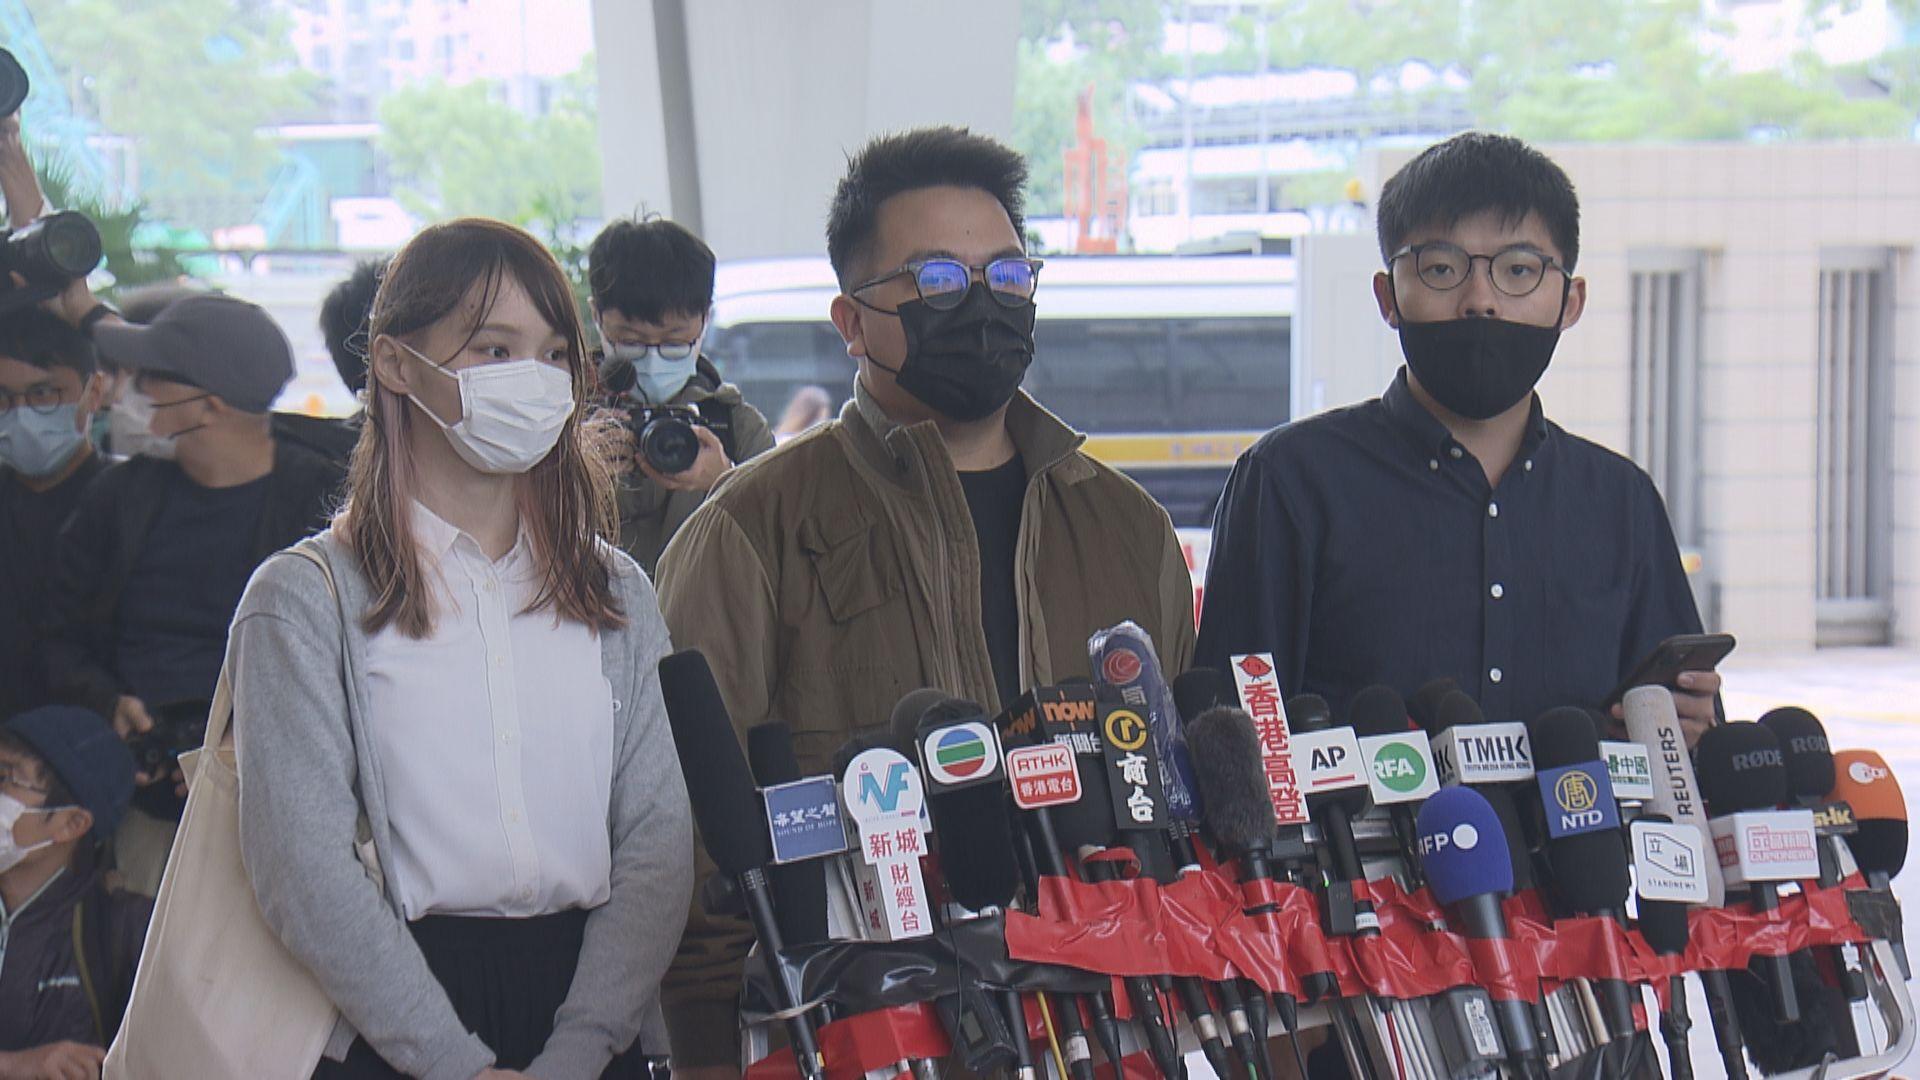 包圍警總黃之鋒三人判囚7個月至13.5個月 周庭盼申請保釋候上訴遭拒